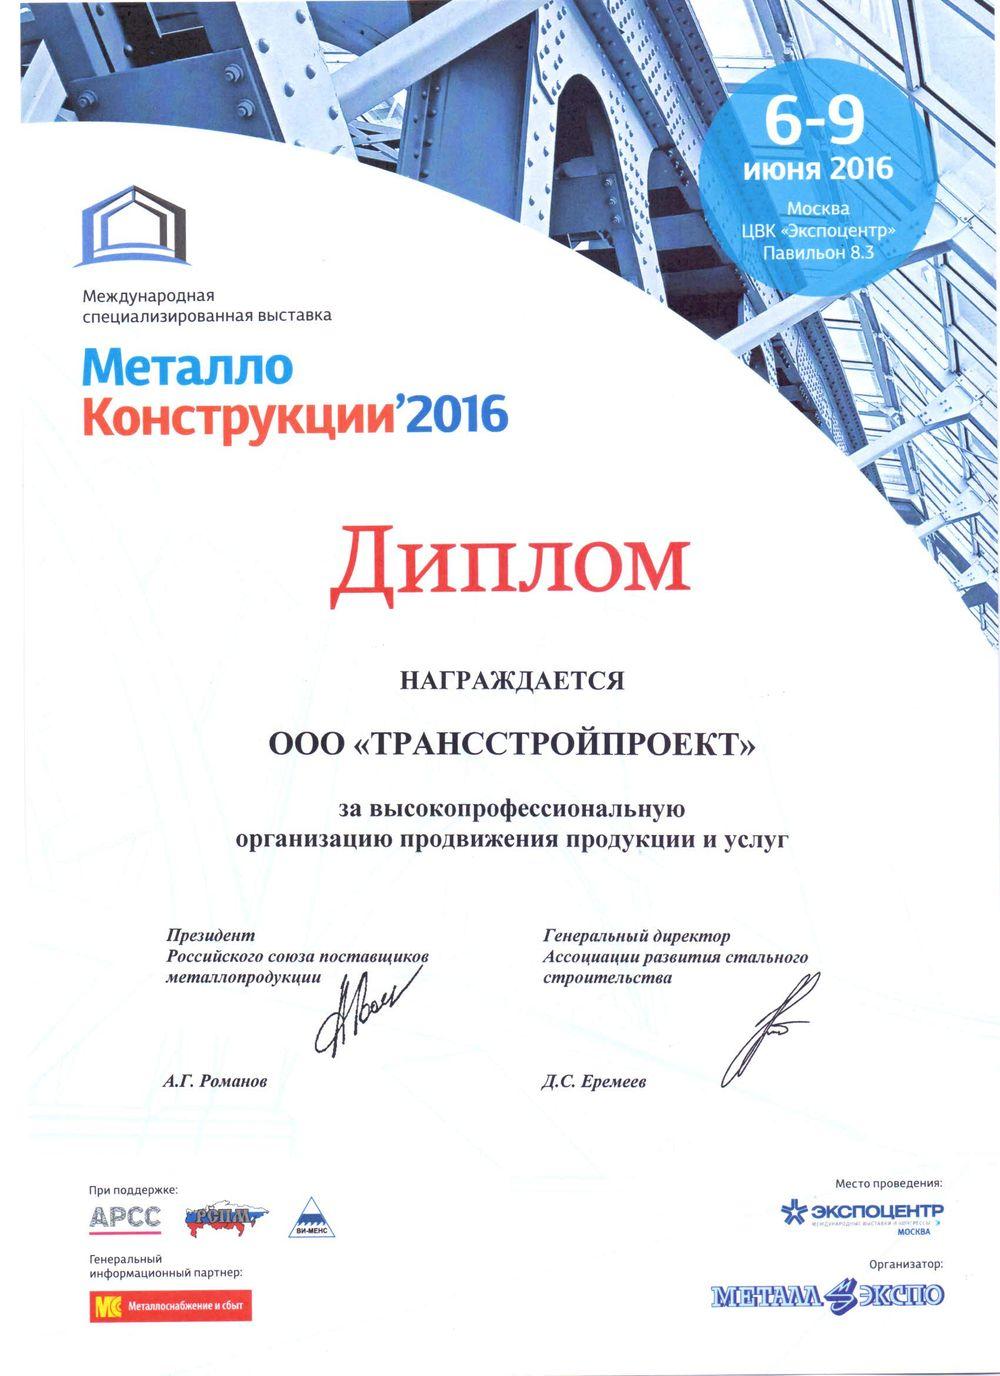 Диплом за участие в выставке Металлоконструкции-2016